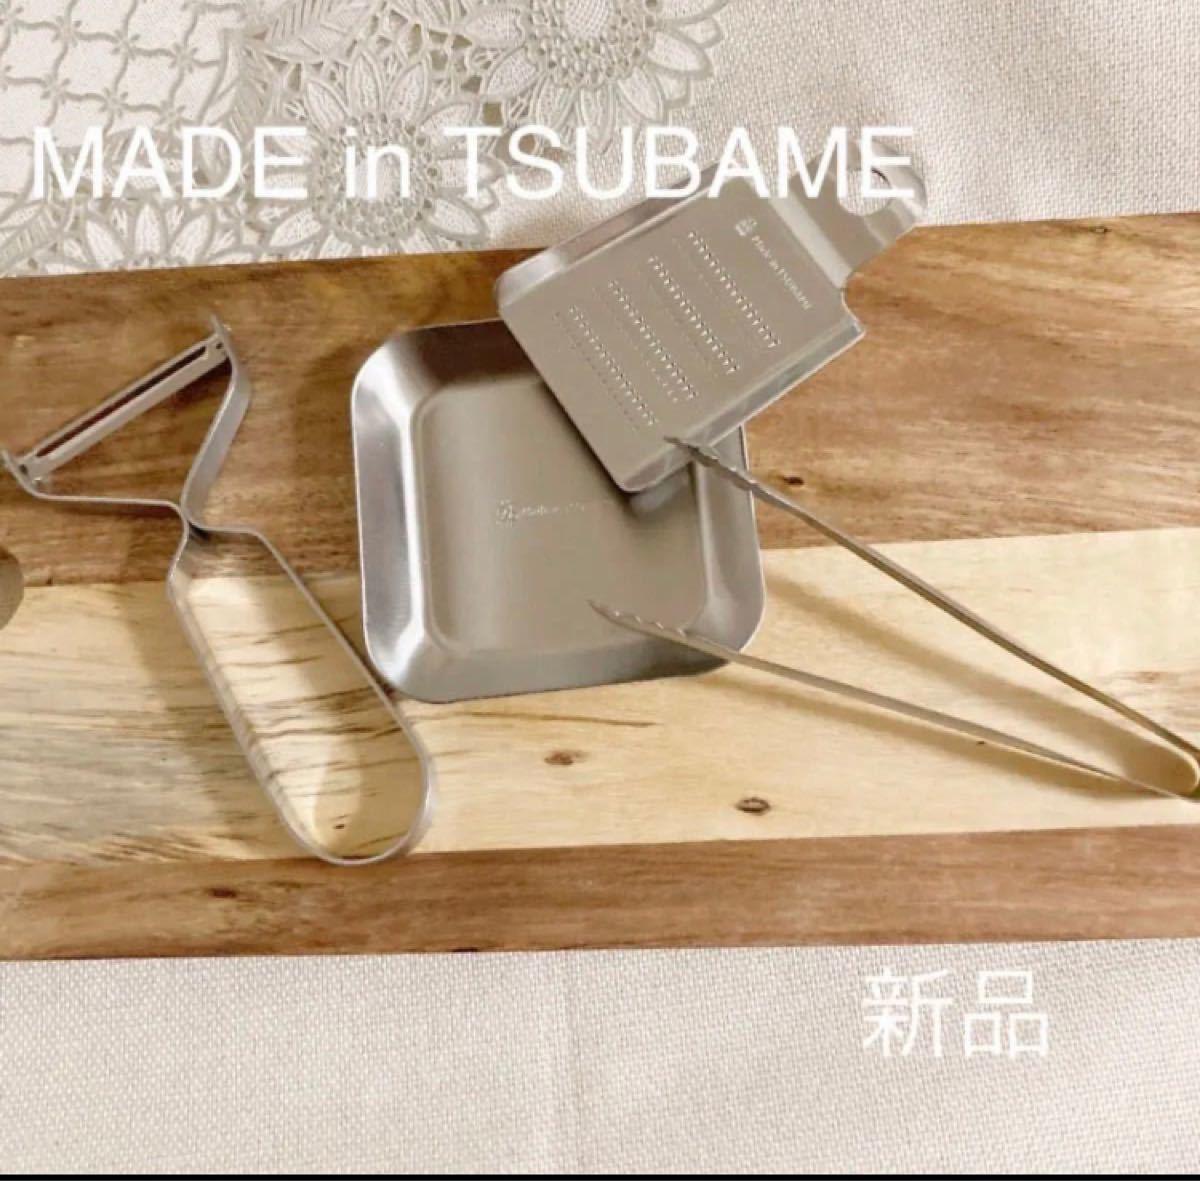 MADE in TSUBAME 4点セット新品 ピーラー おろし金 薬味小皿 ミニトング 日本製 新潟県燕市燕三条 ステンレス